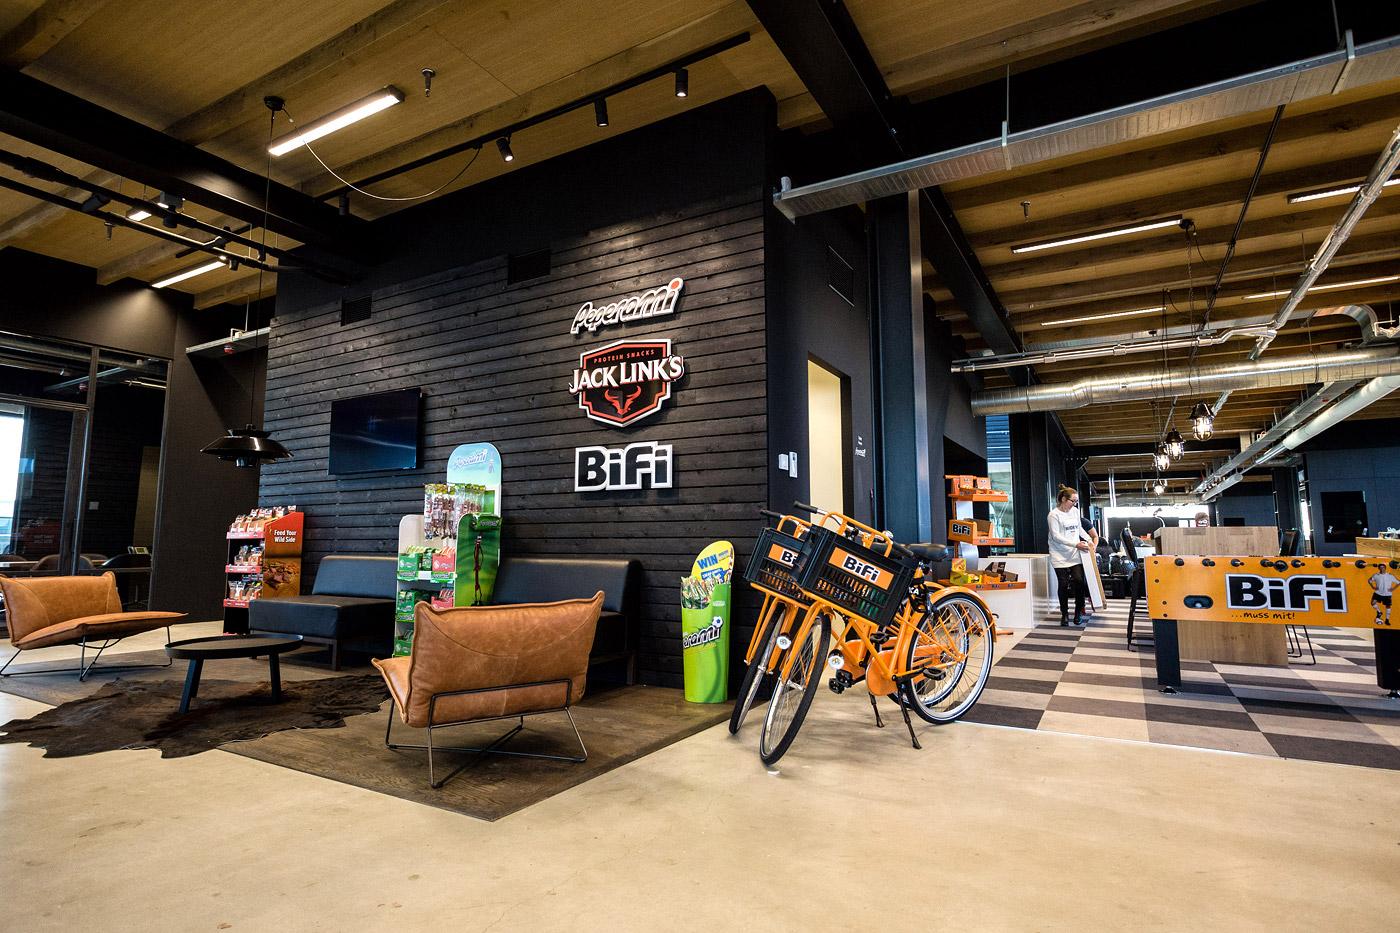 jacklinks-bifi-peperami-amsterdam-Bob-Hersbach-receptie-hoofdkantoor-opening-fotograaf